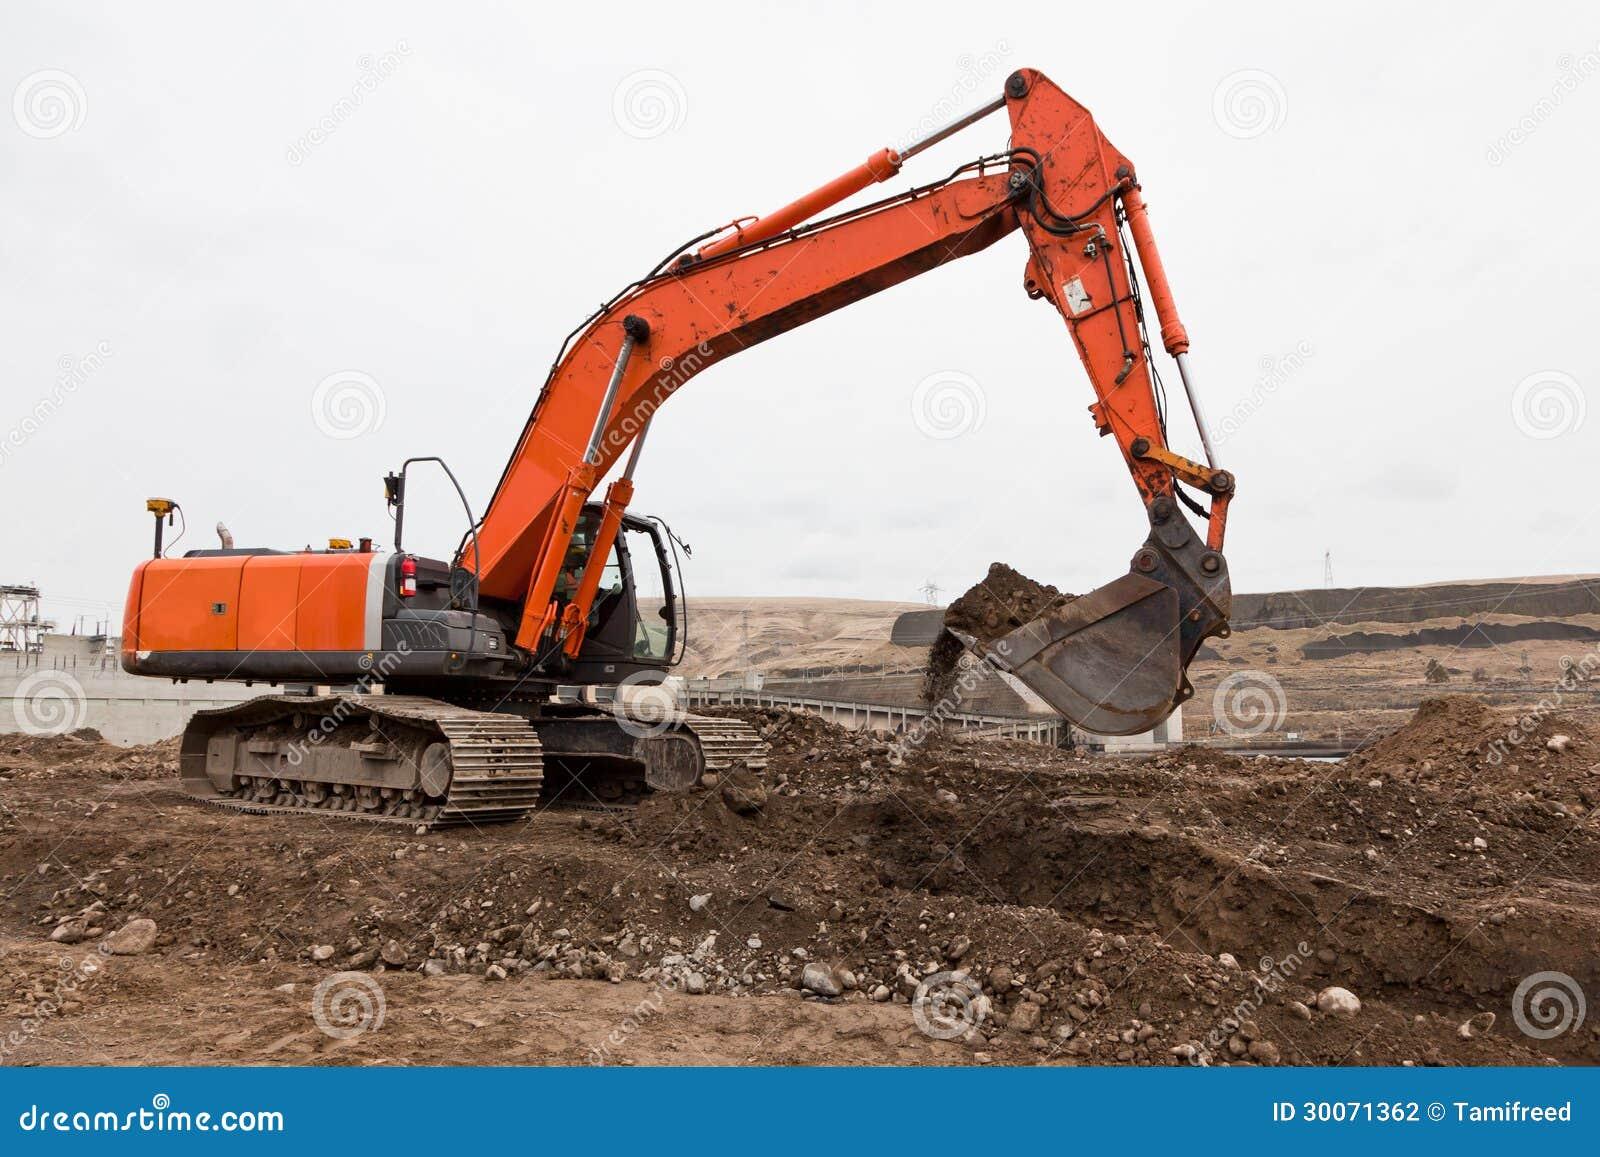 dirt machine